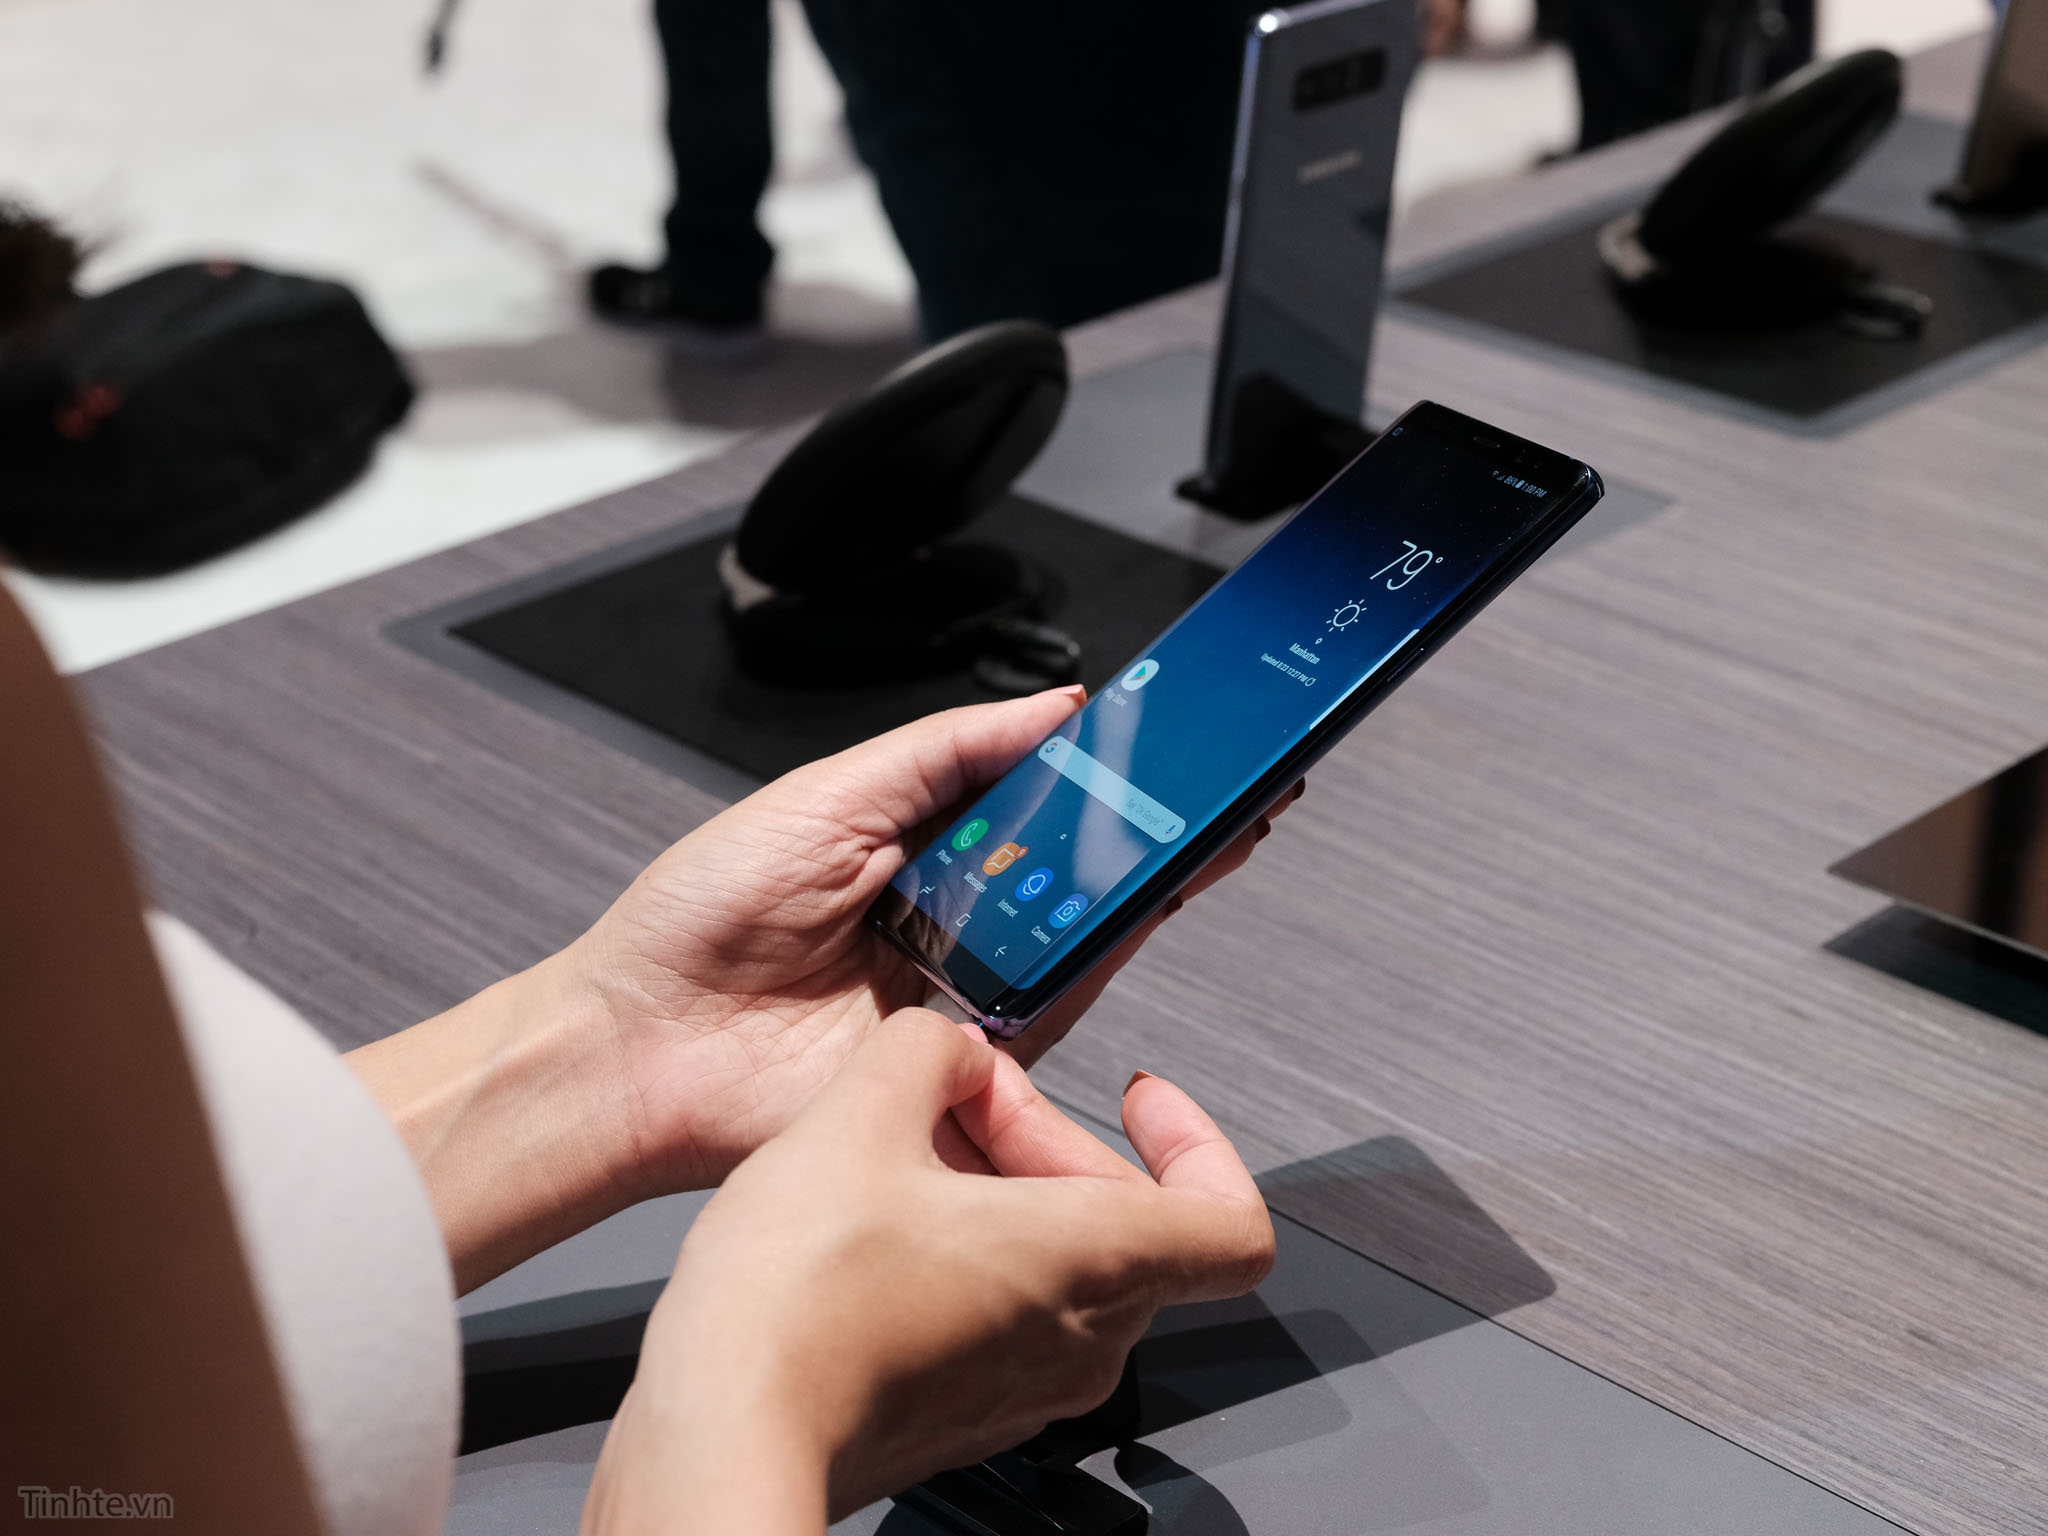 Samsung_Galaxy_Note_8_tinhte.vn-17.jpg